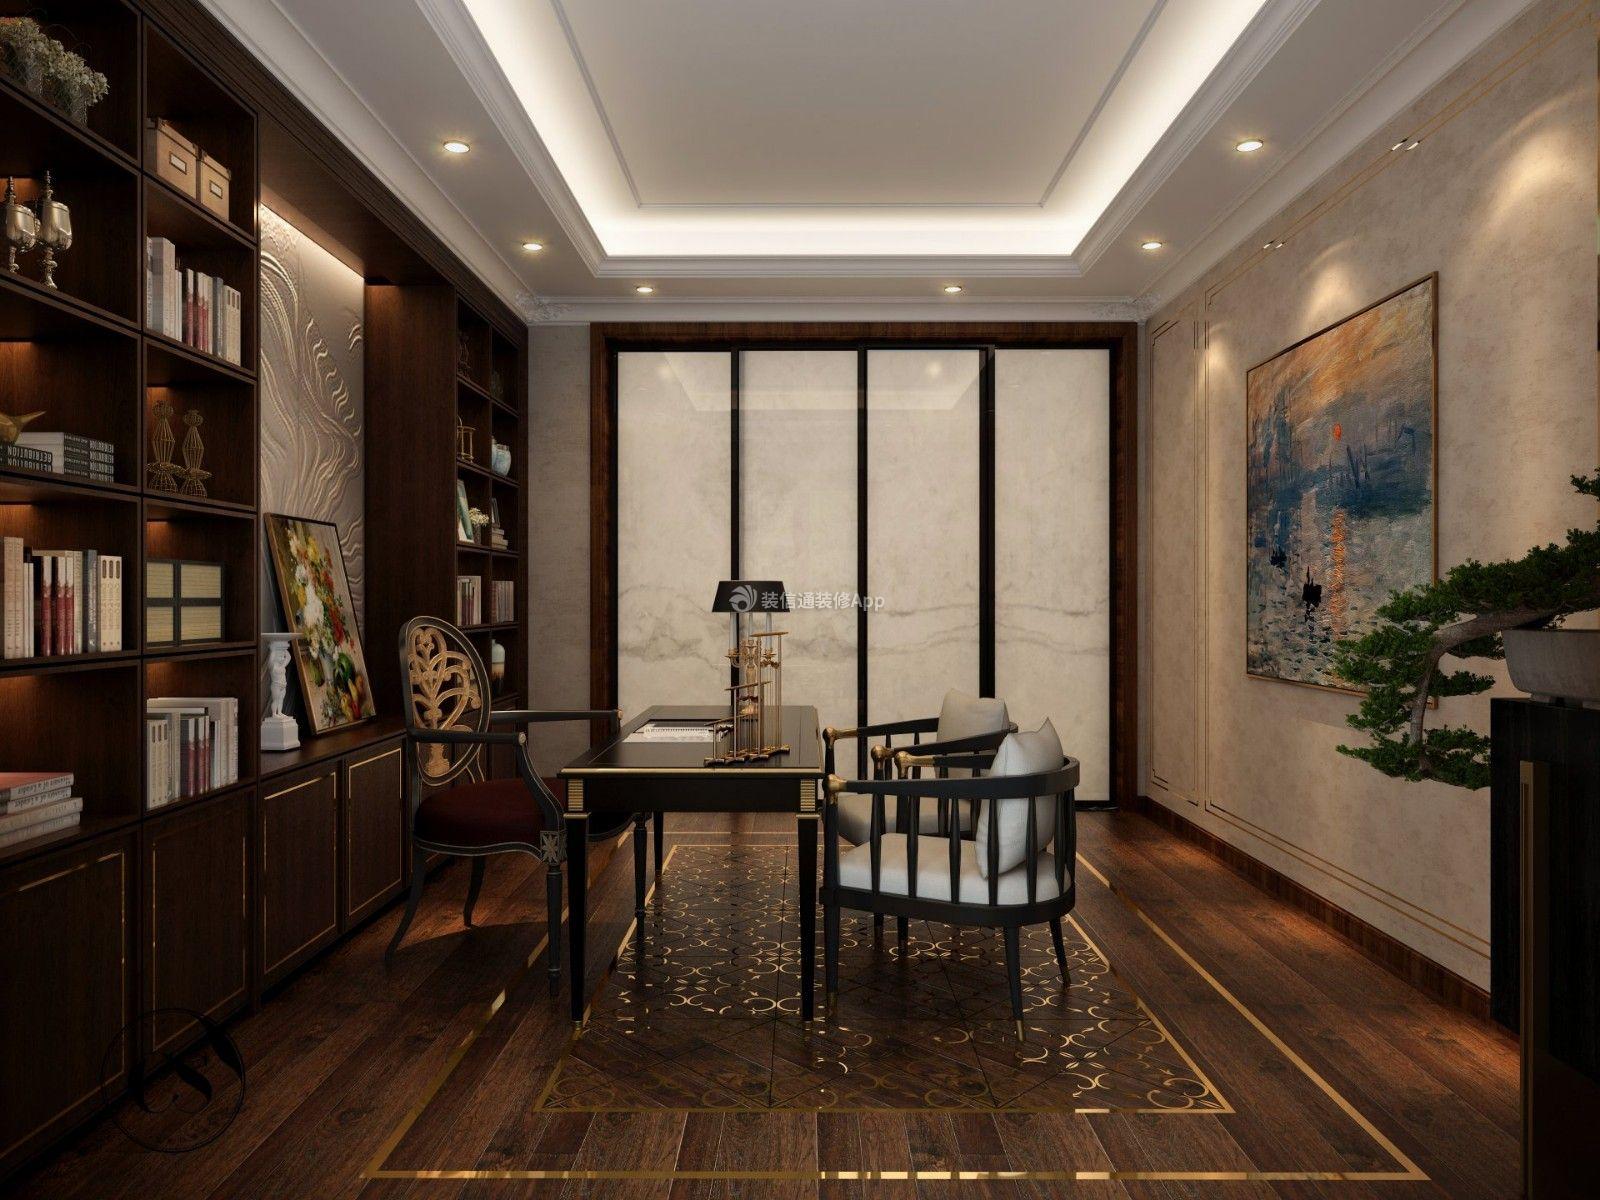 500平米别墅书房背景墙装修效果图图片